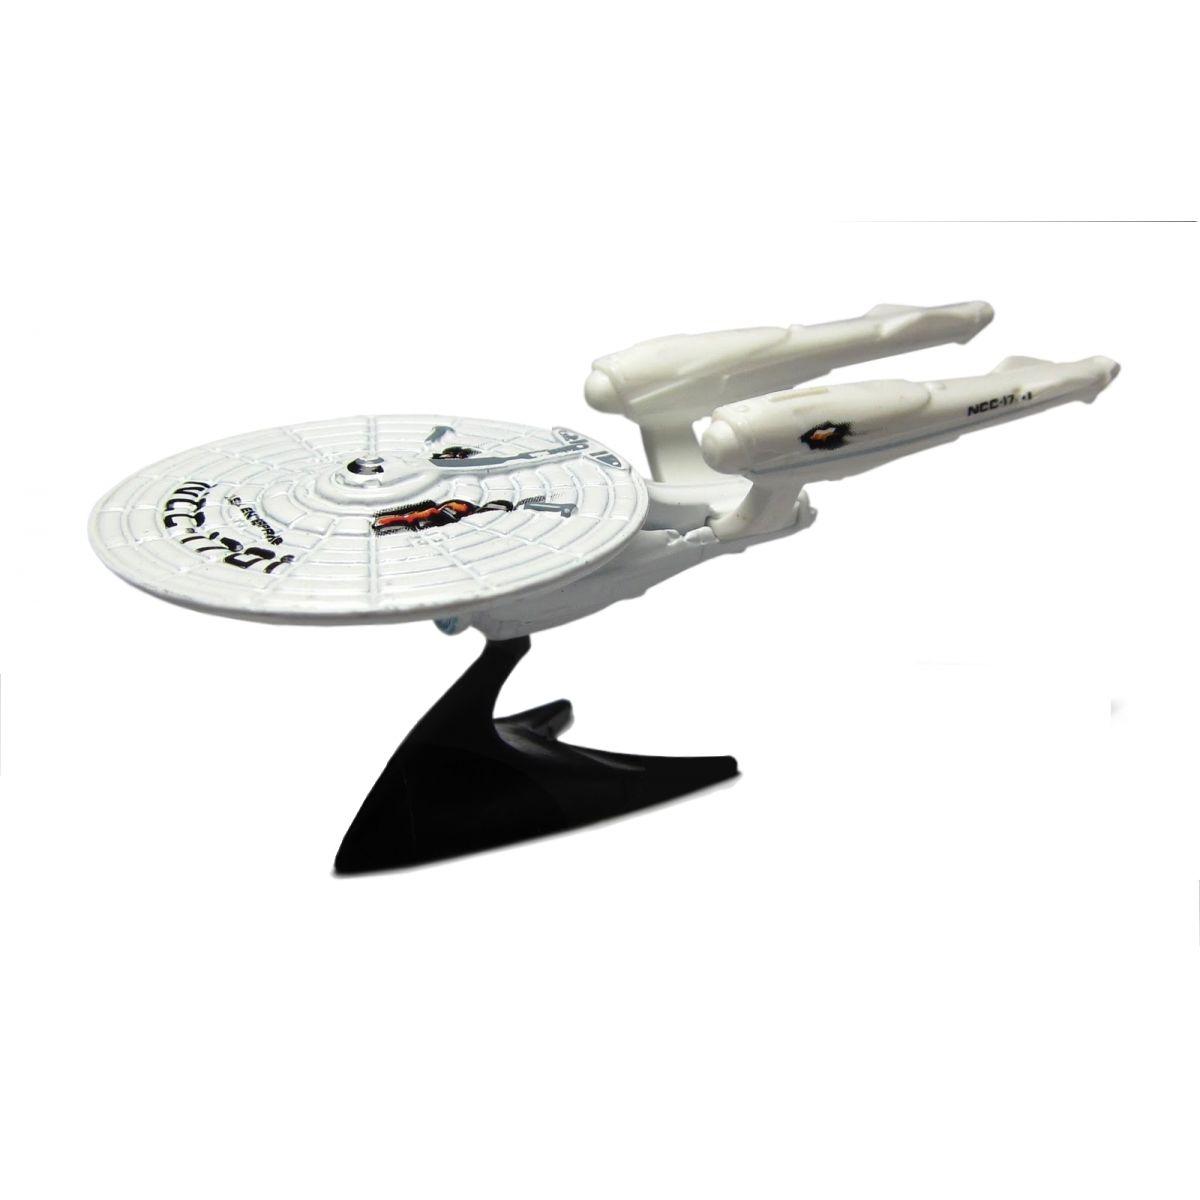 Hot Wheels - Coleção 2013 - U.S.S. Enterprise NCC-1701 (variação)  - Hobby Lobby CollectorStore